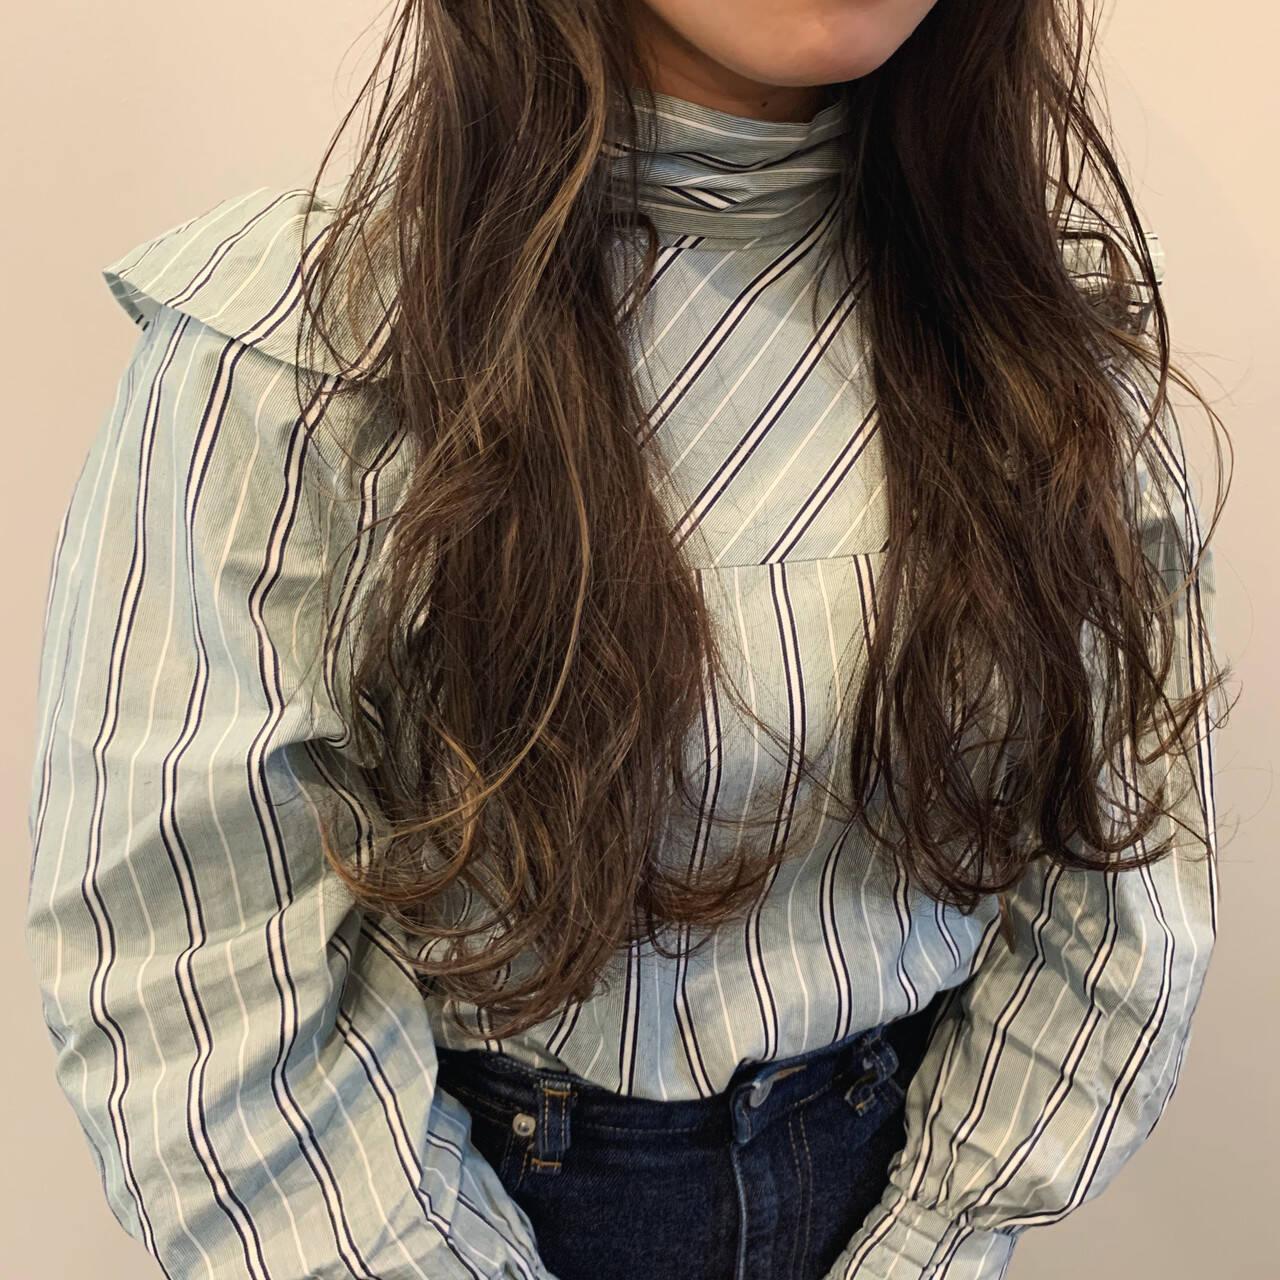 インナーカラー グレーアッシュ フェミニン ハイライトヘアスタイルや髪型の写真・画像